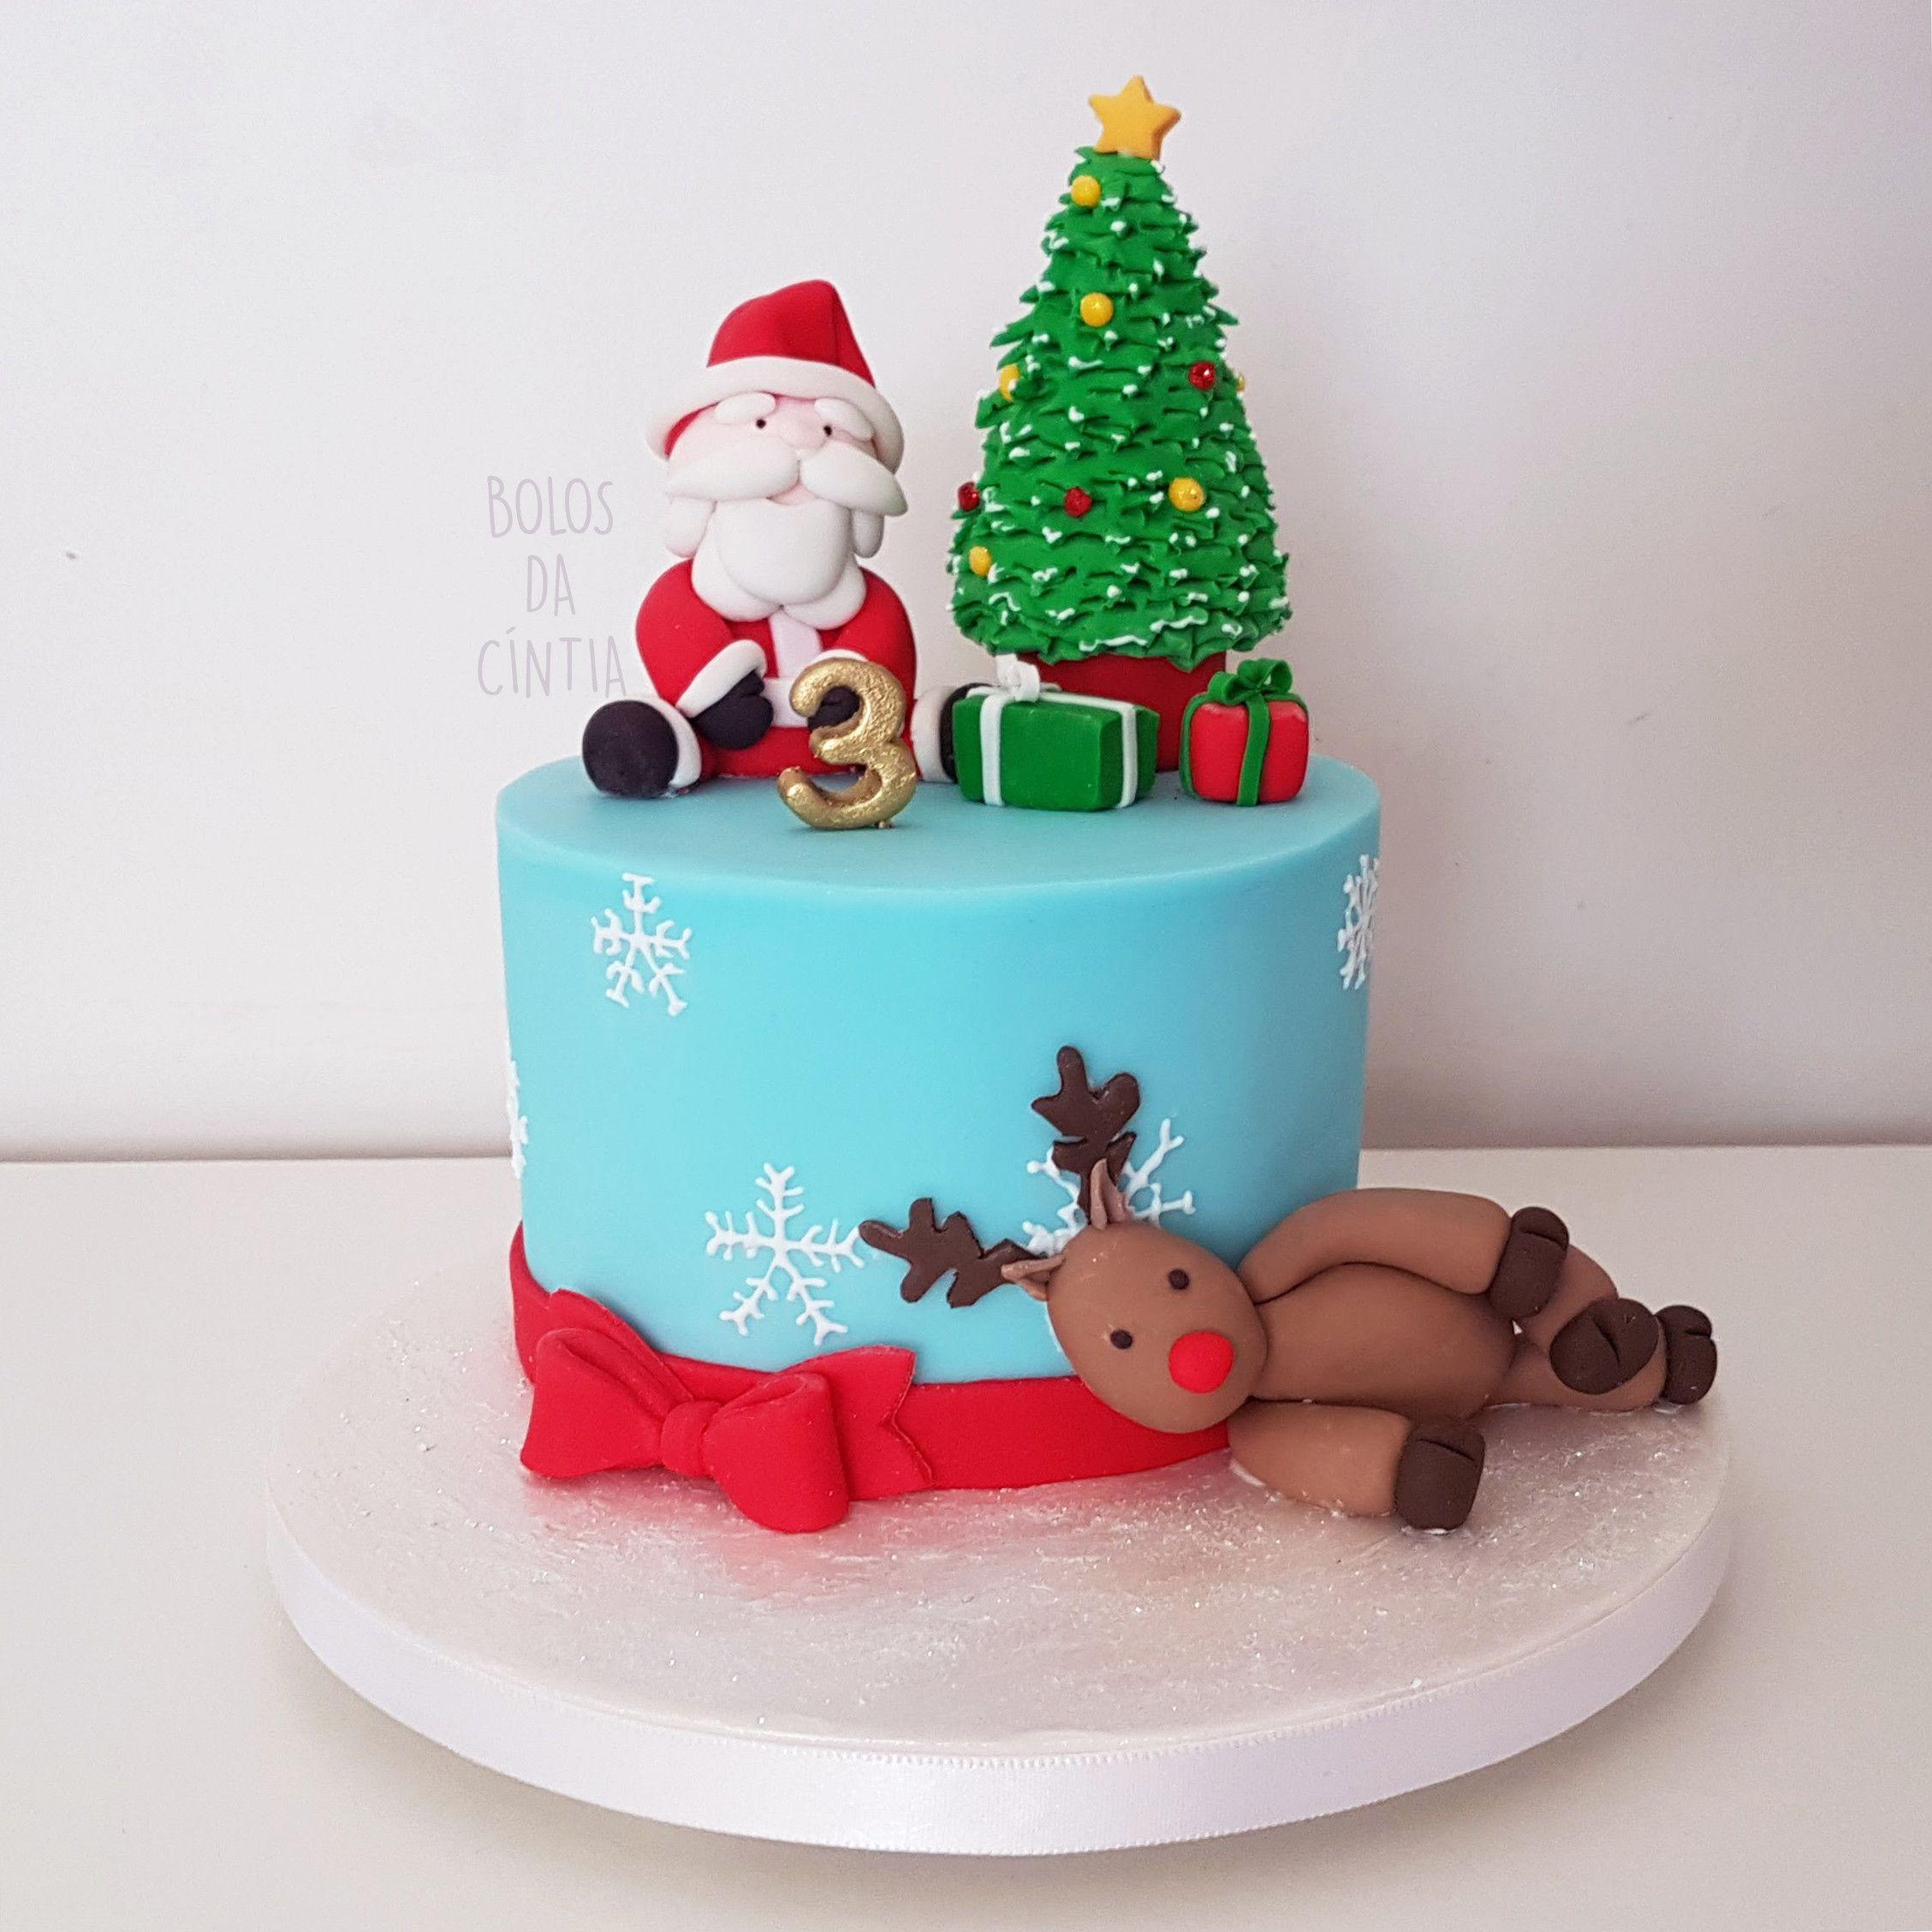 Bolo de Natal em pasta americana com papai Noel, rena, árvore de Natal e fita vermelha por Bolos da Cíntia. Foto: Cíntia Costa.